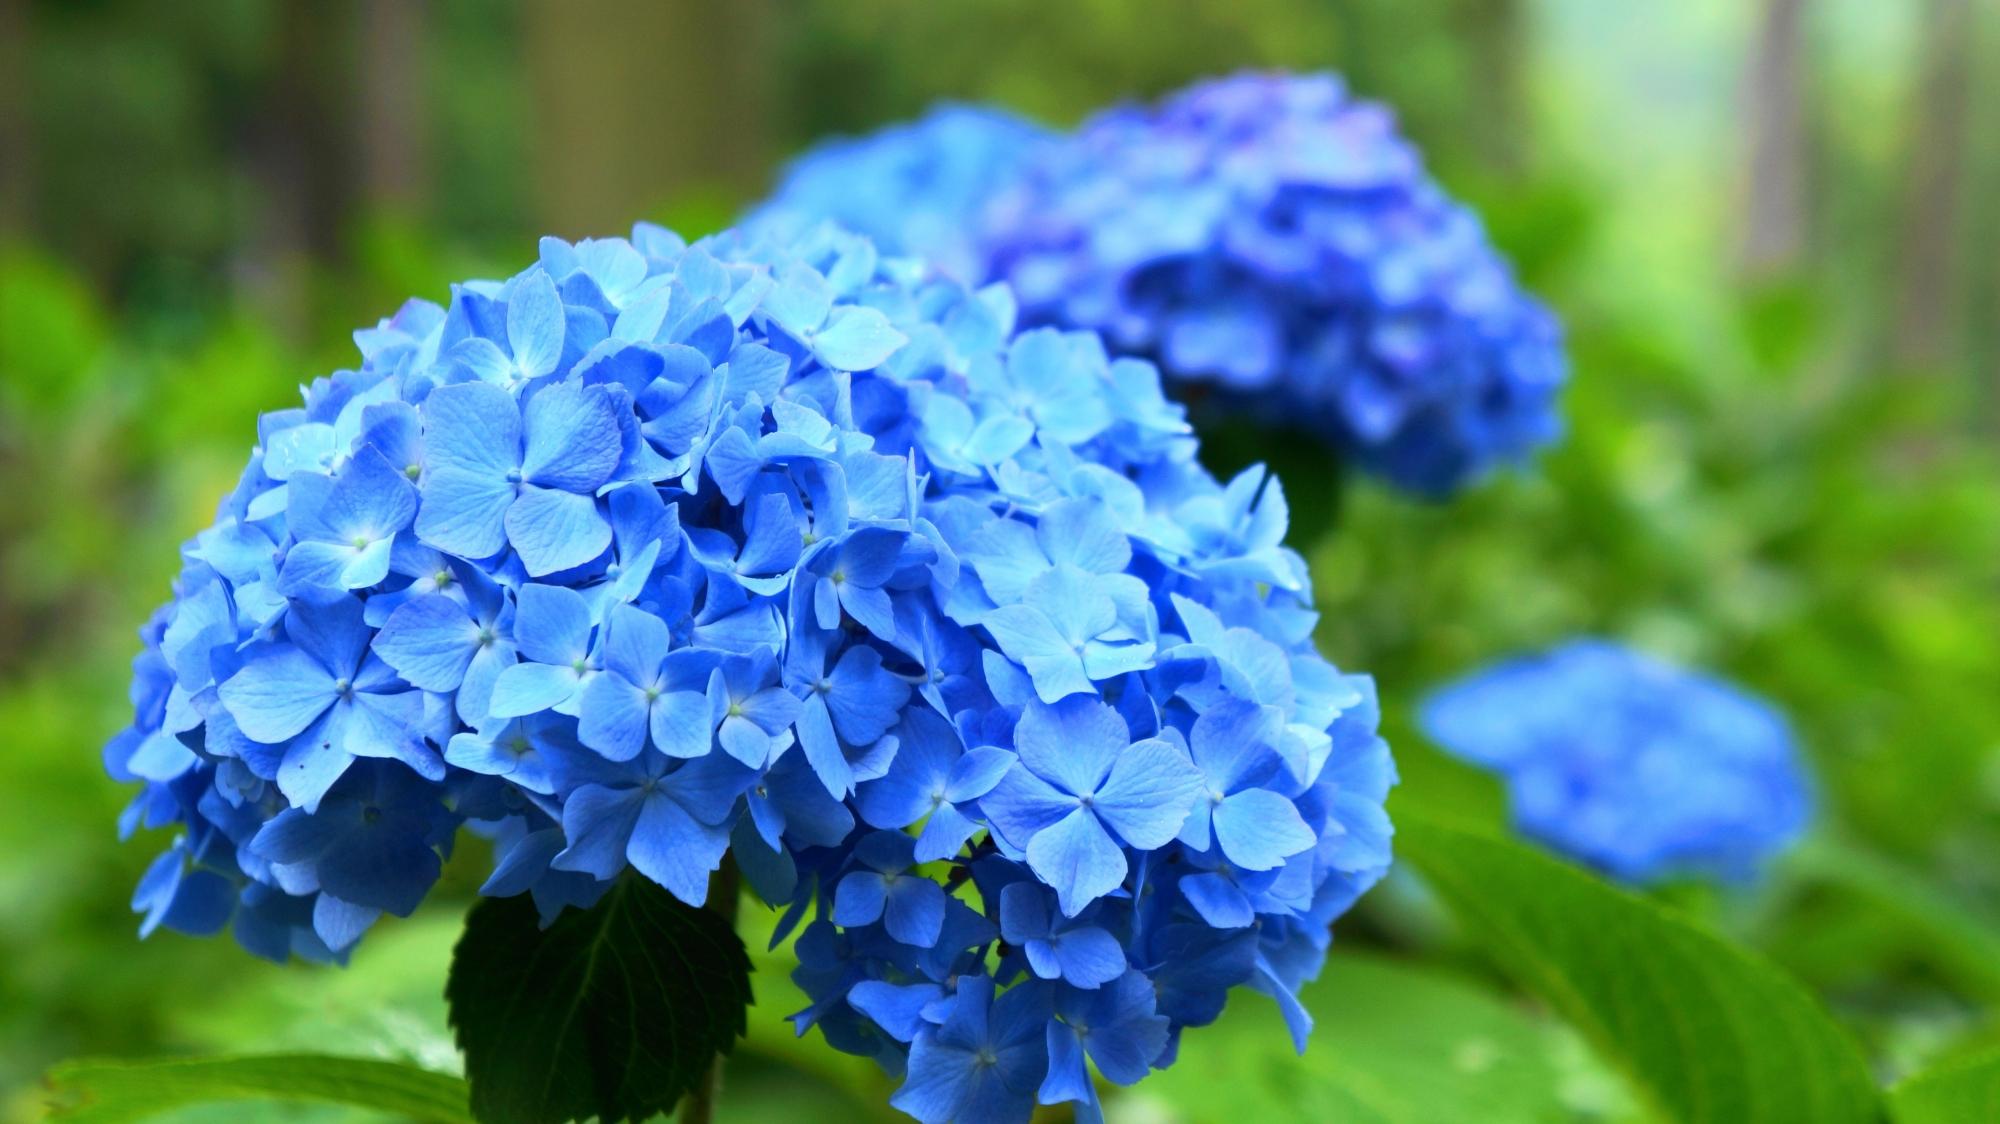 花の状態も良いようで花びら一枚一枚が綺麗なアジサイ